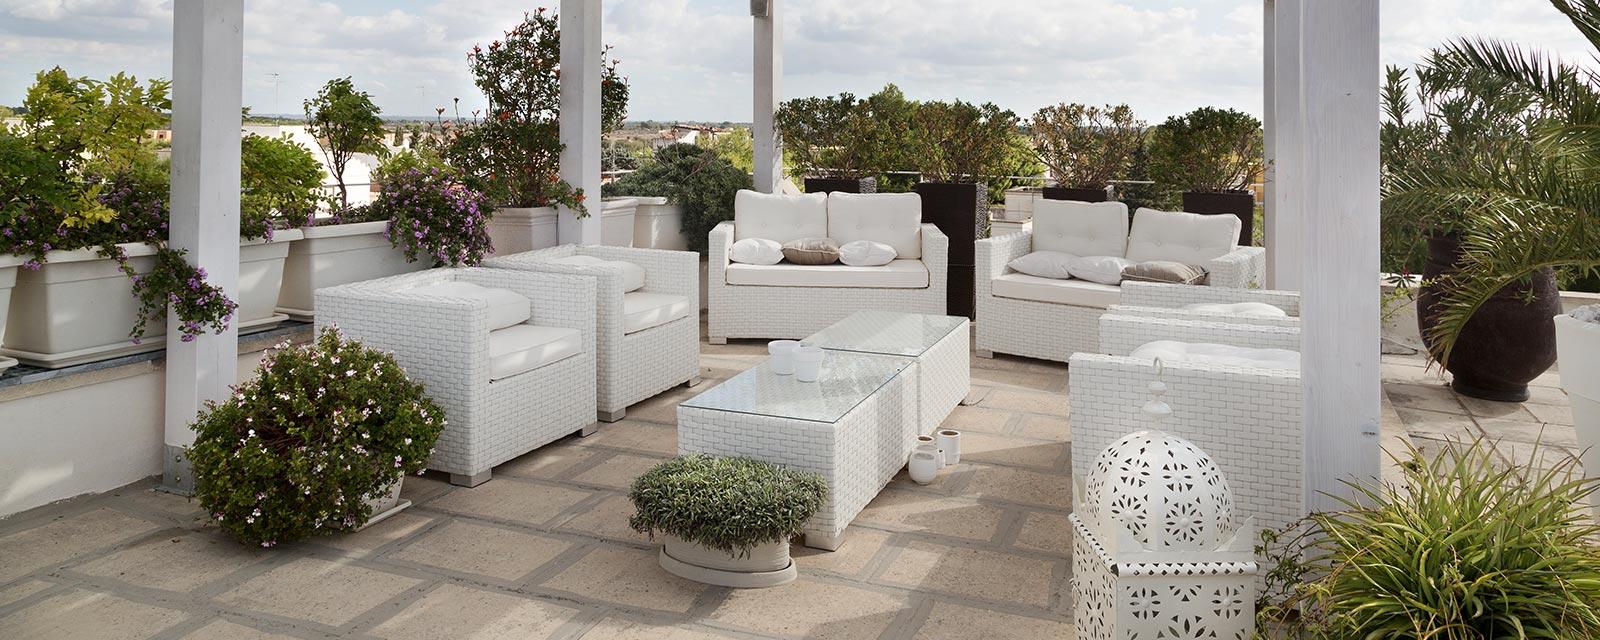 Bicarbonate De Soude Pour Terrasse comment nettoyer le carrelage de sa terrasse ? | guide artisan